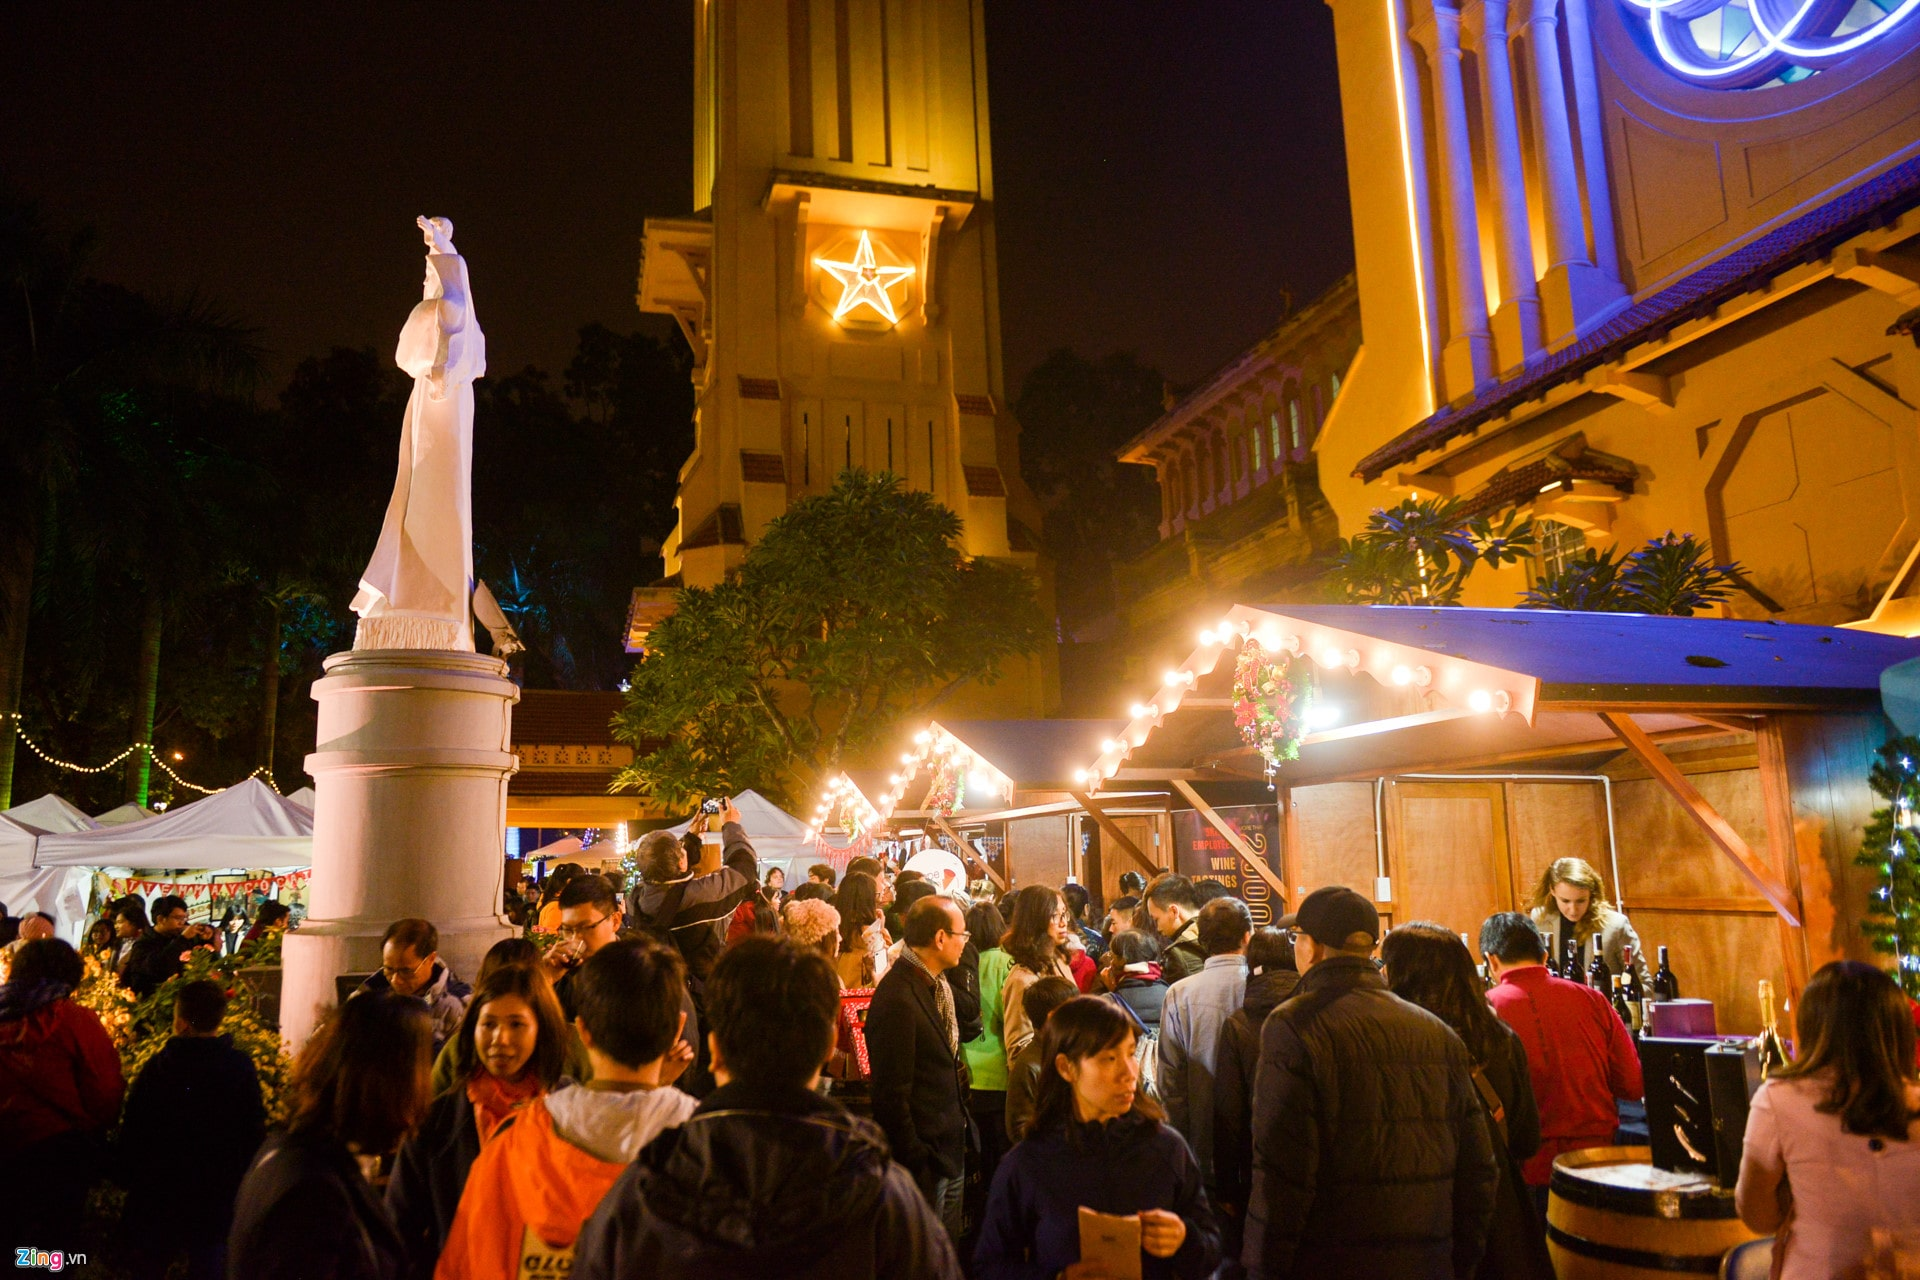 Hội chợ Noel 2013 độc đáo nhất